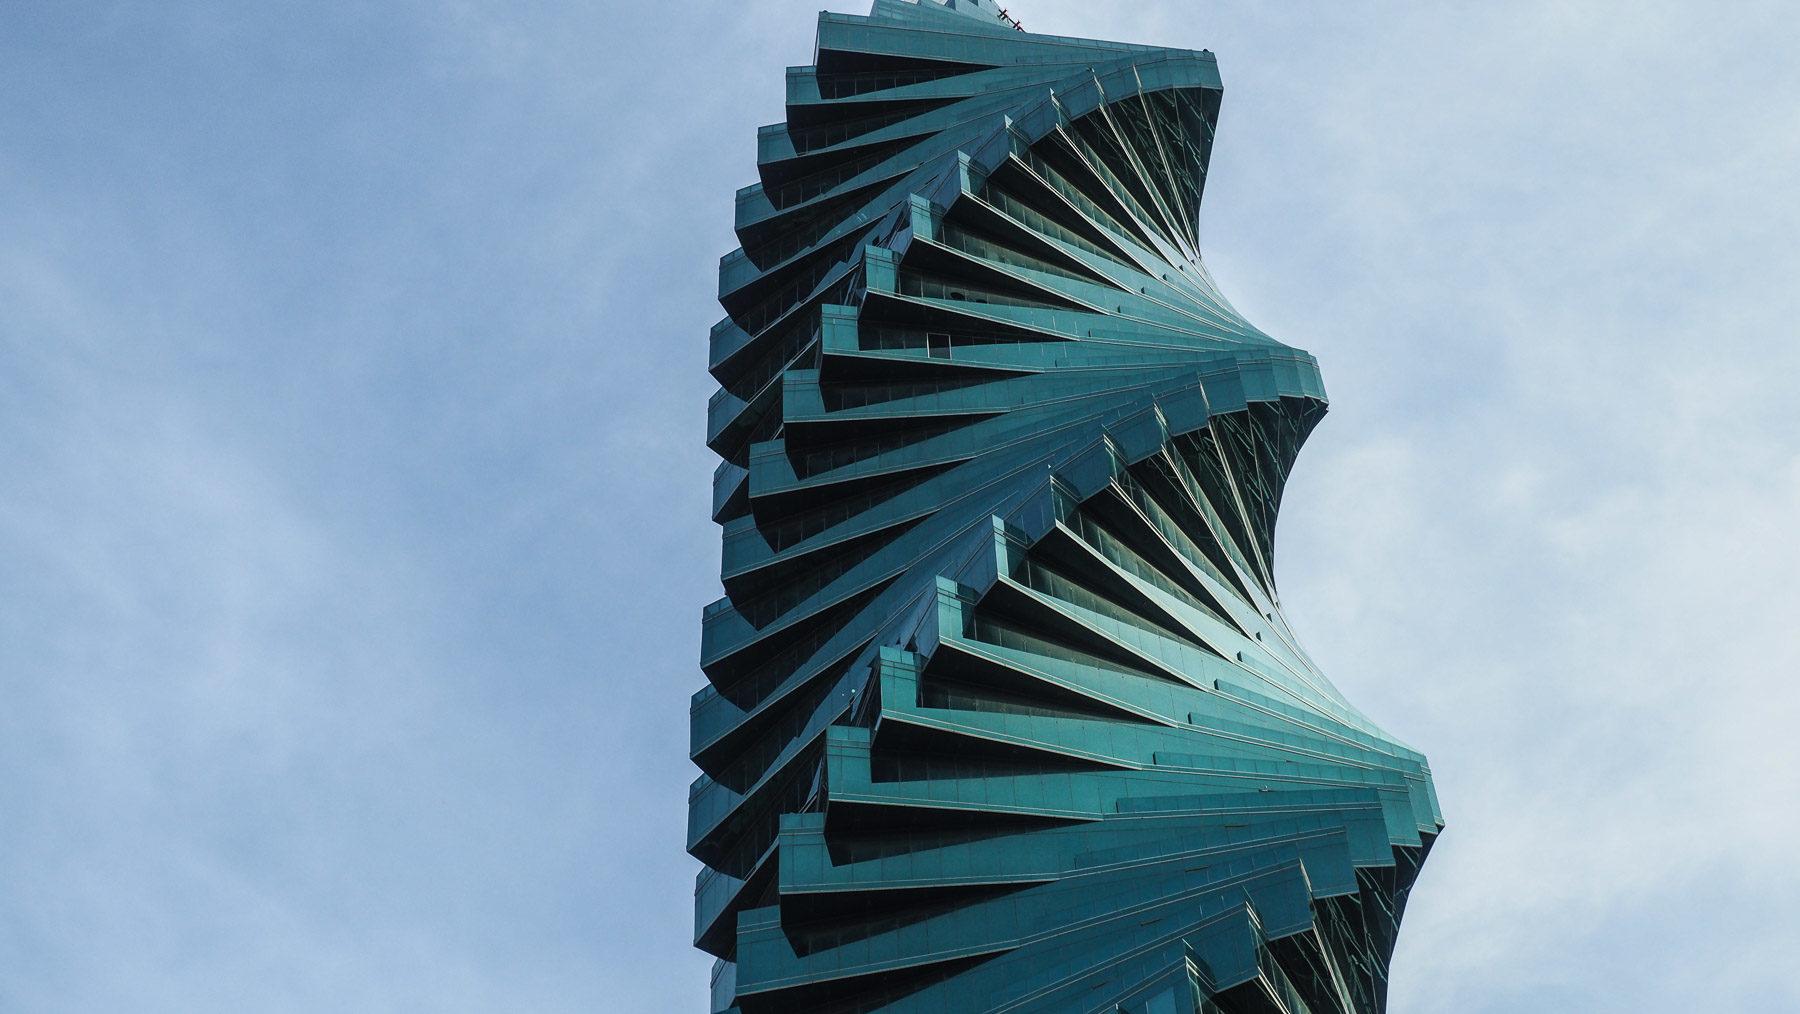 Der F&F Tower ist ein riesengroßer spiralförmiger Wolkenkratzer, 243 Meter hoch